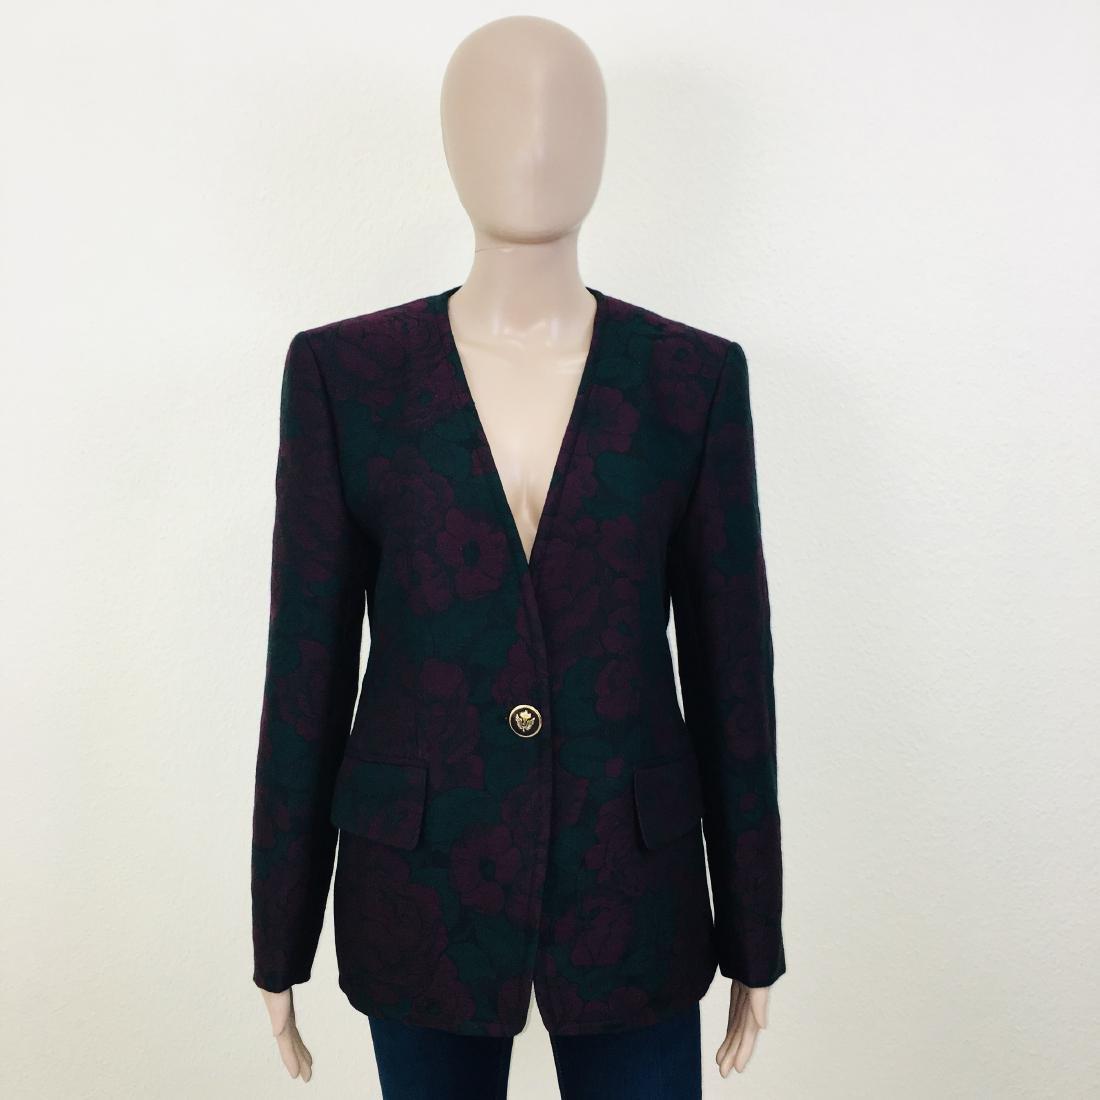 Vintage Women's Designer Blazer Jacket